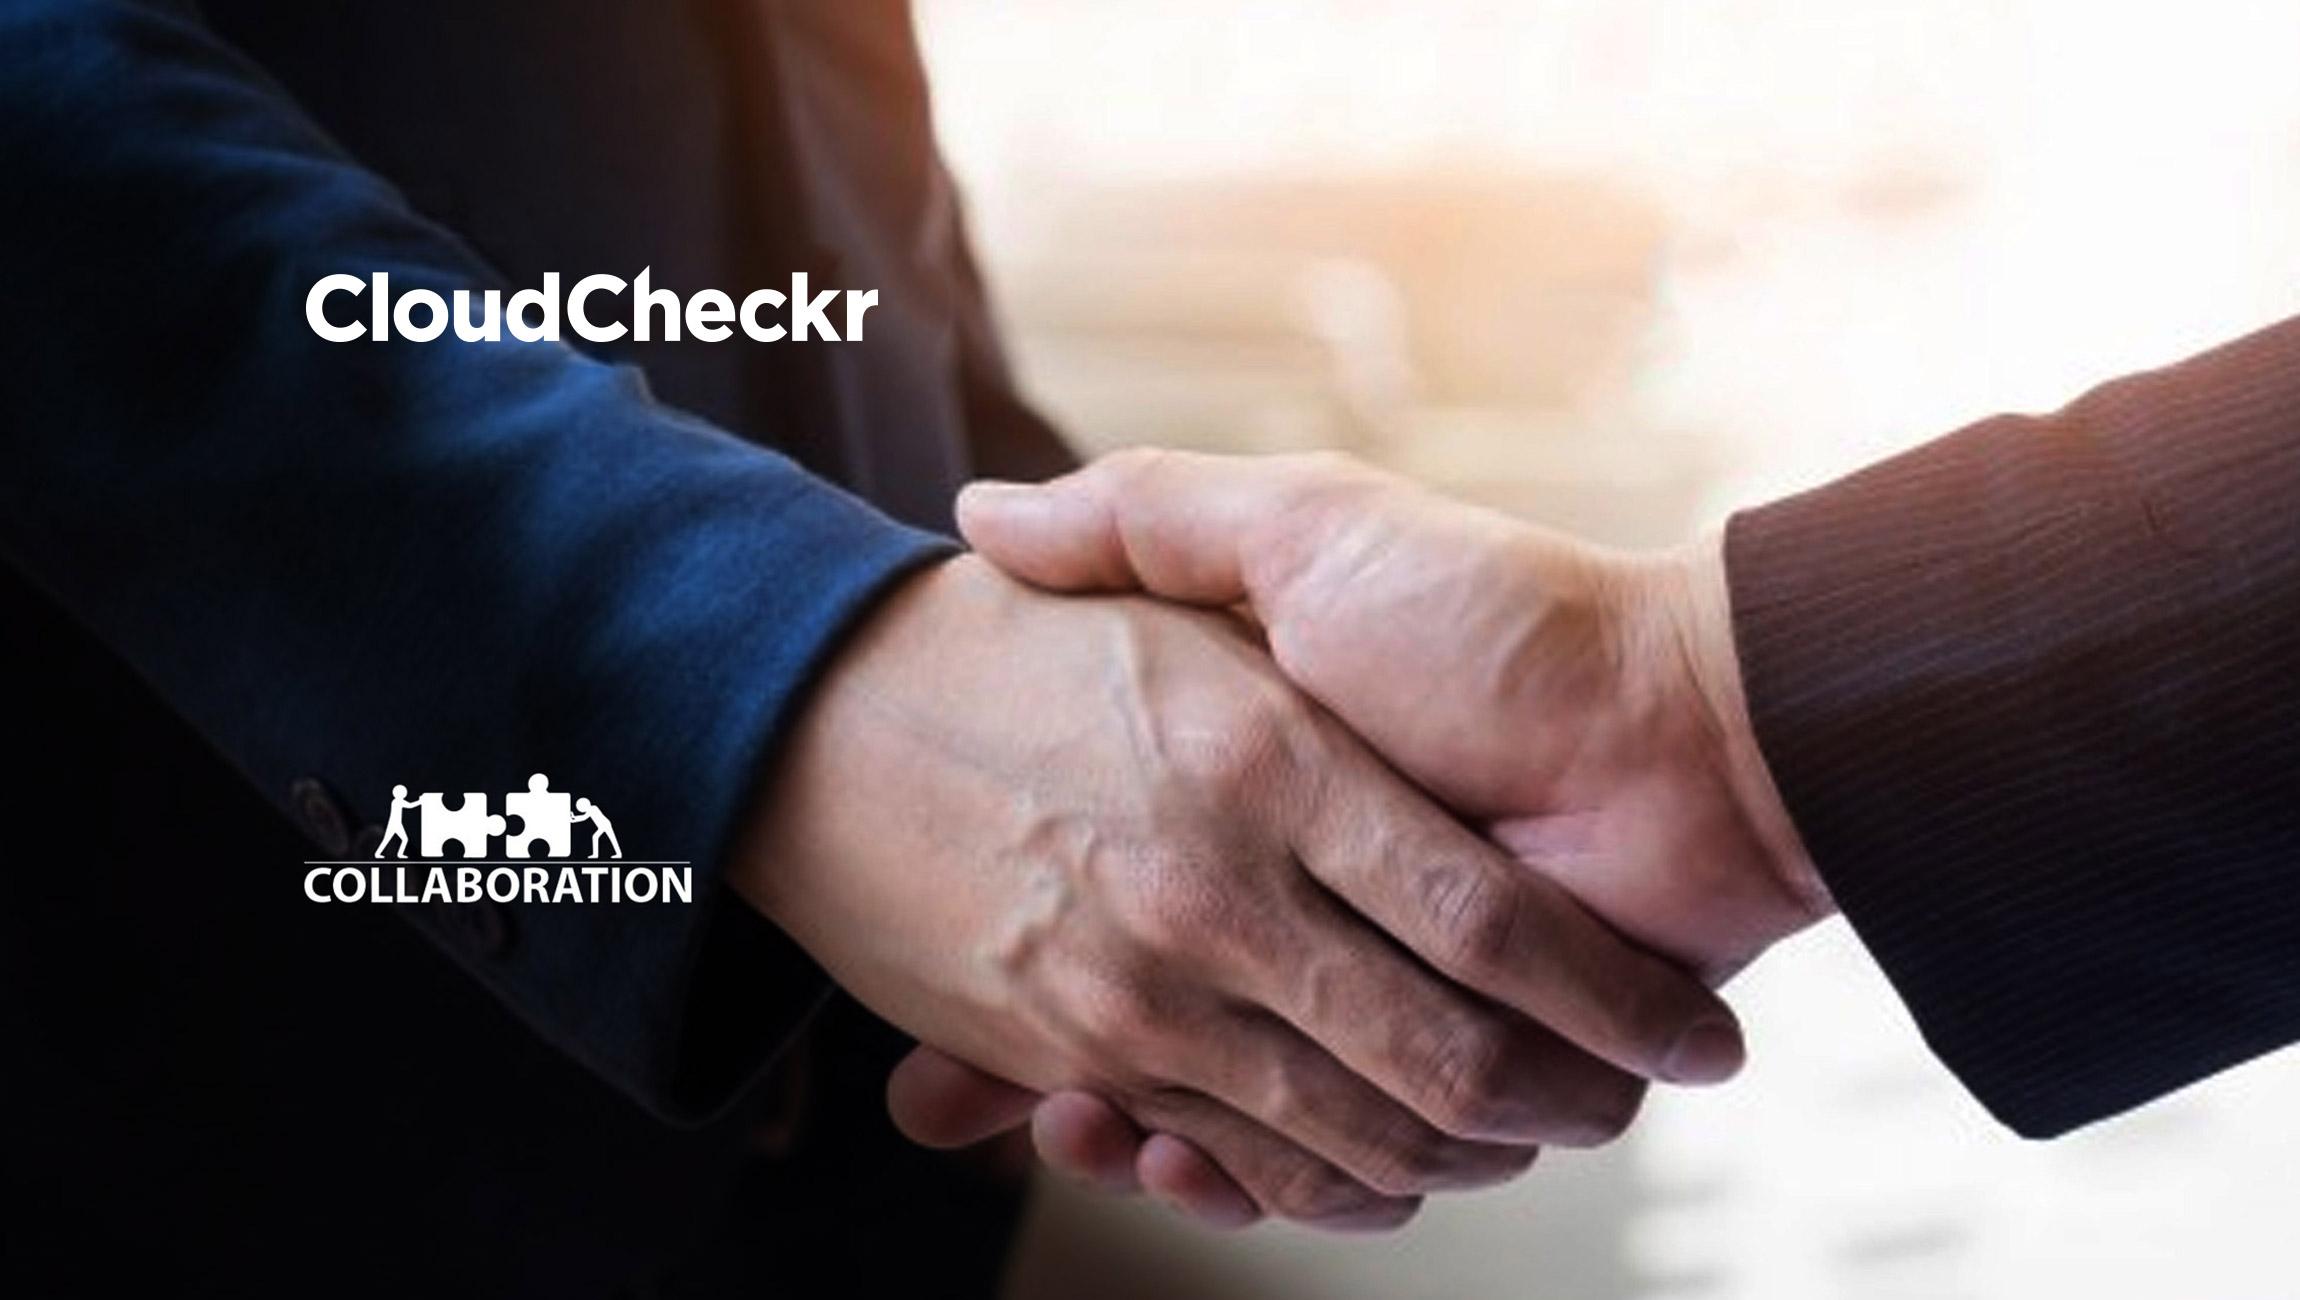 CloudCheckr Announces Strategic Business Partner Program